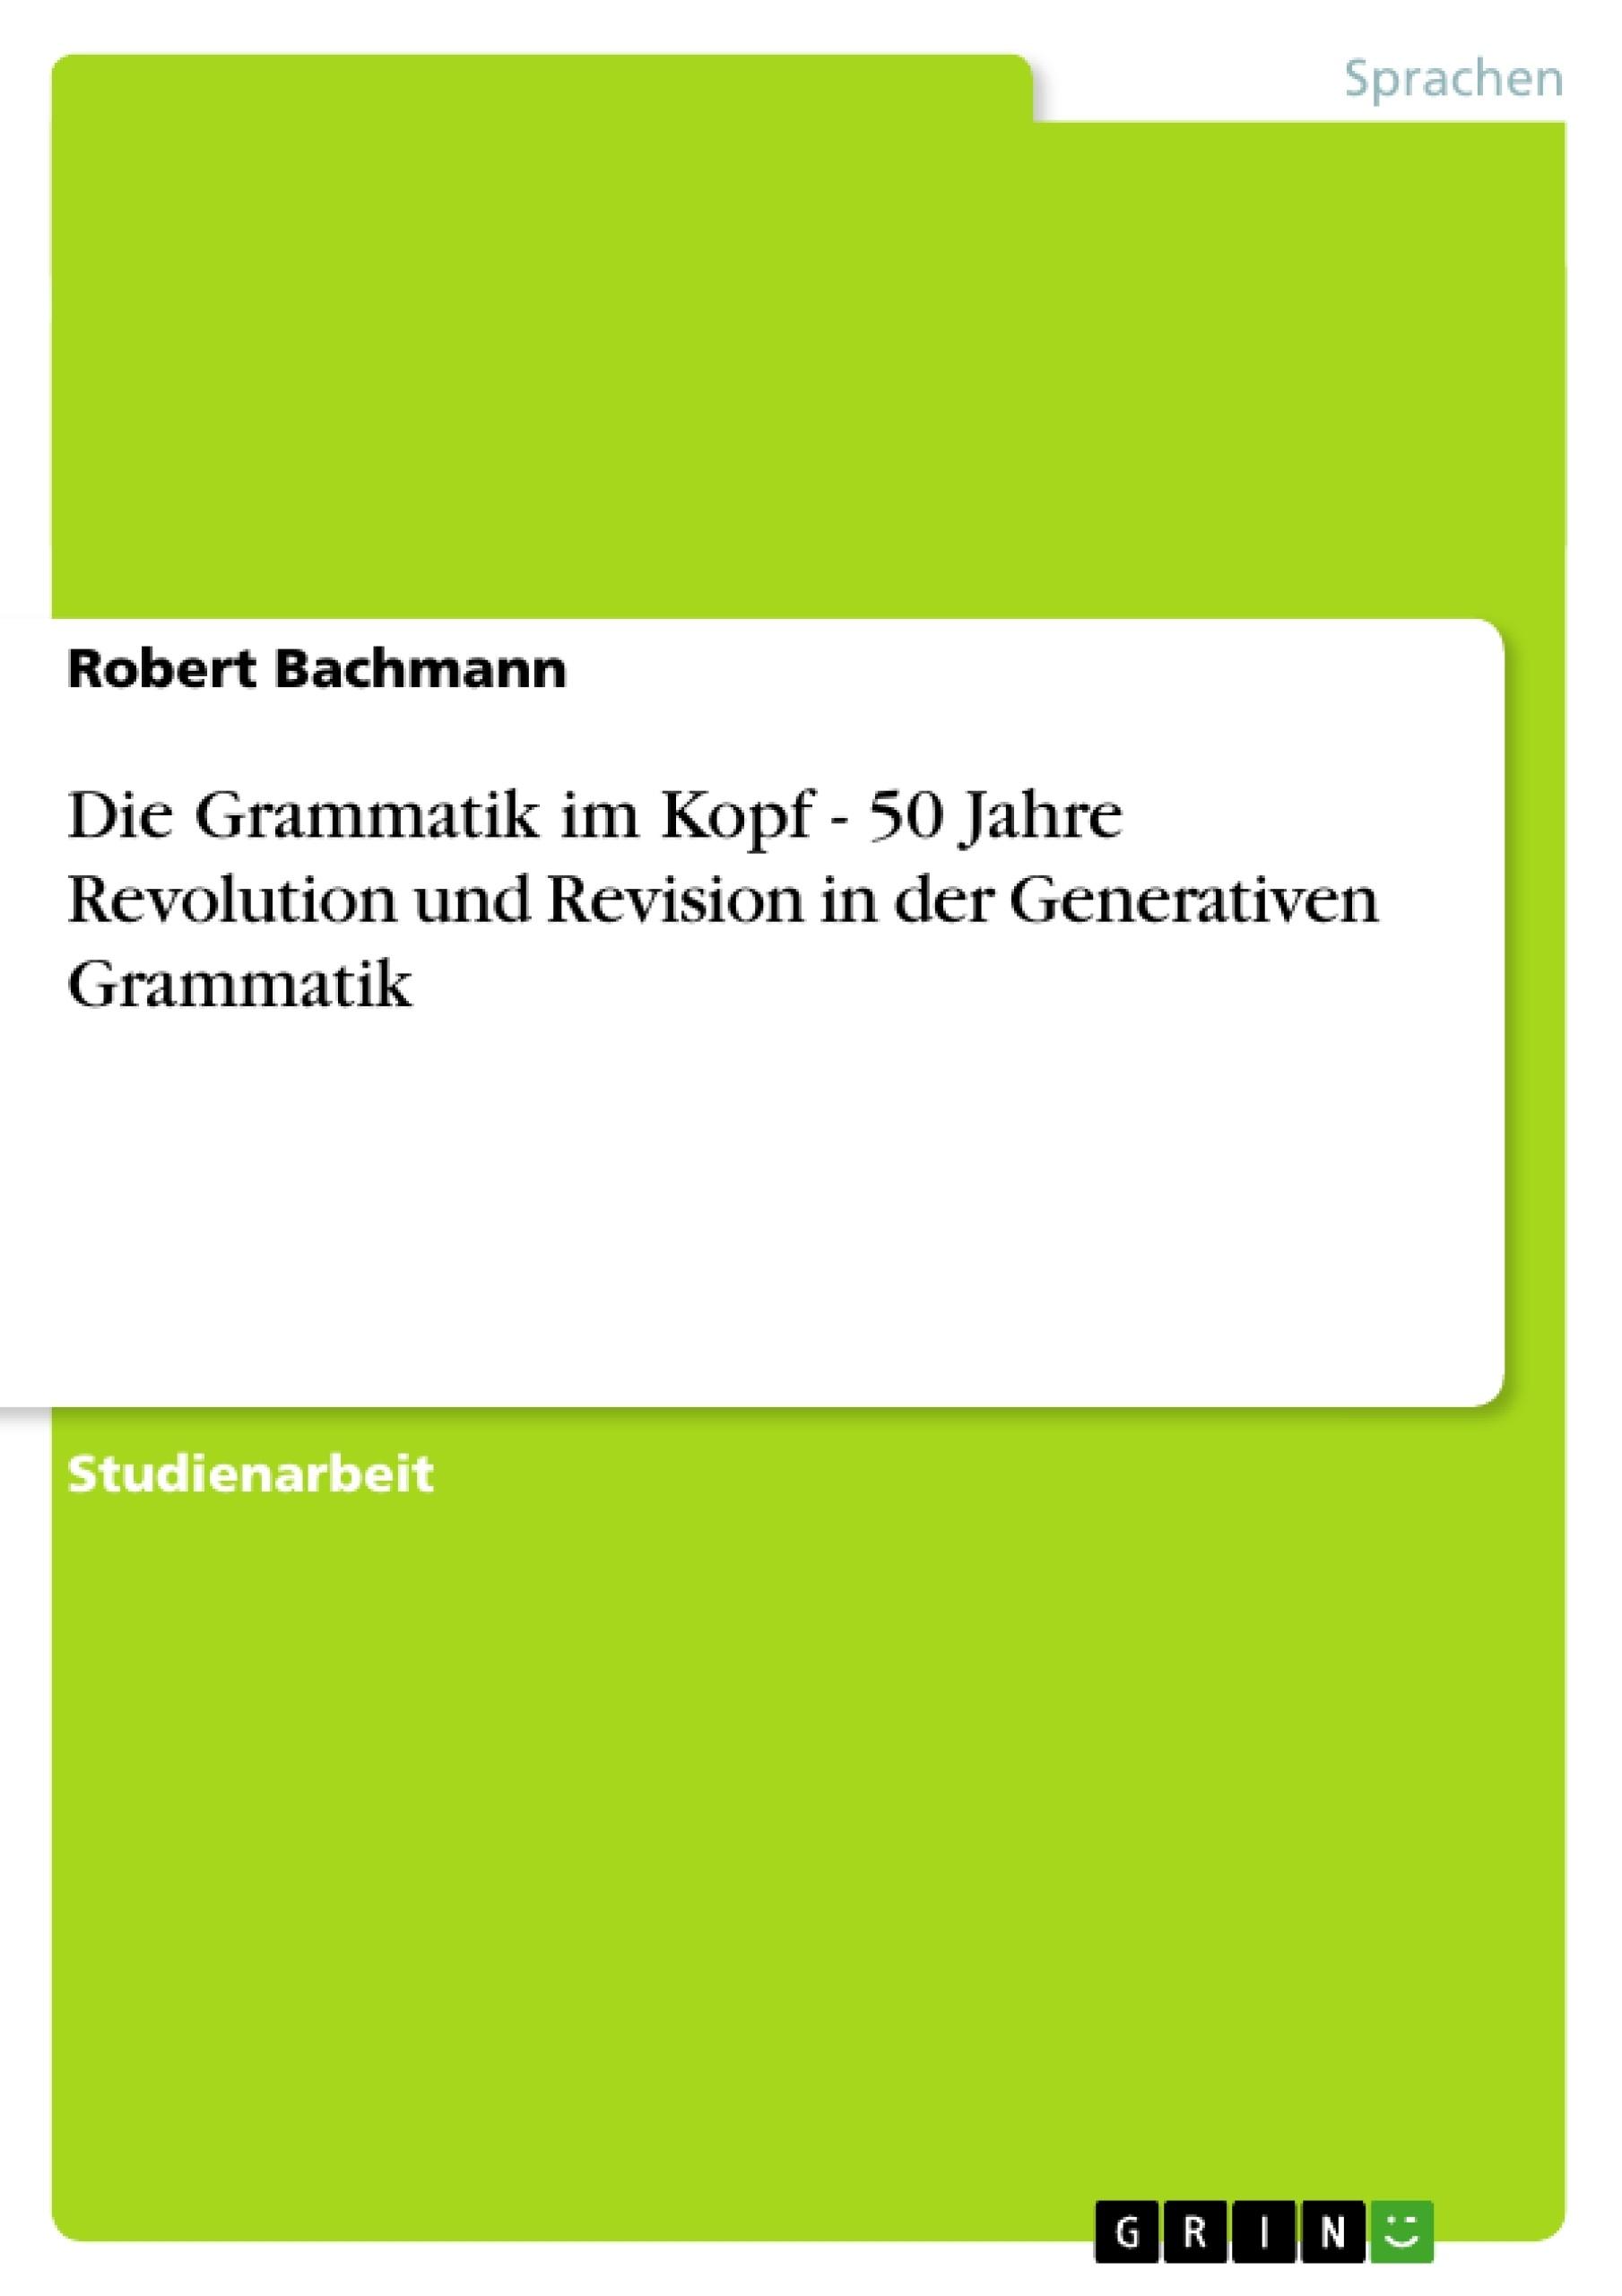 Titel: Die Grammatik im Kopf - 50 Jahre Revolution und Revision in der Generativen Grammatik